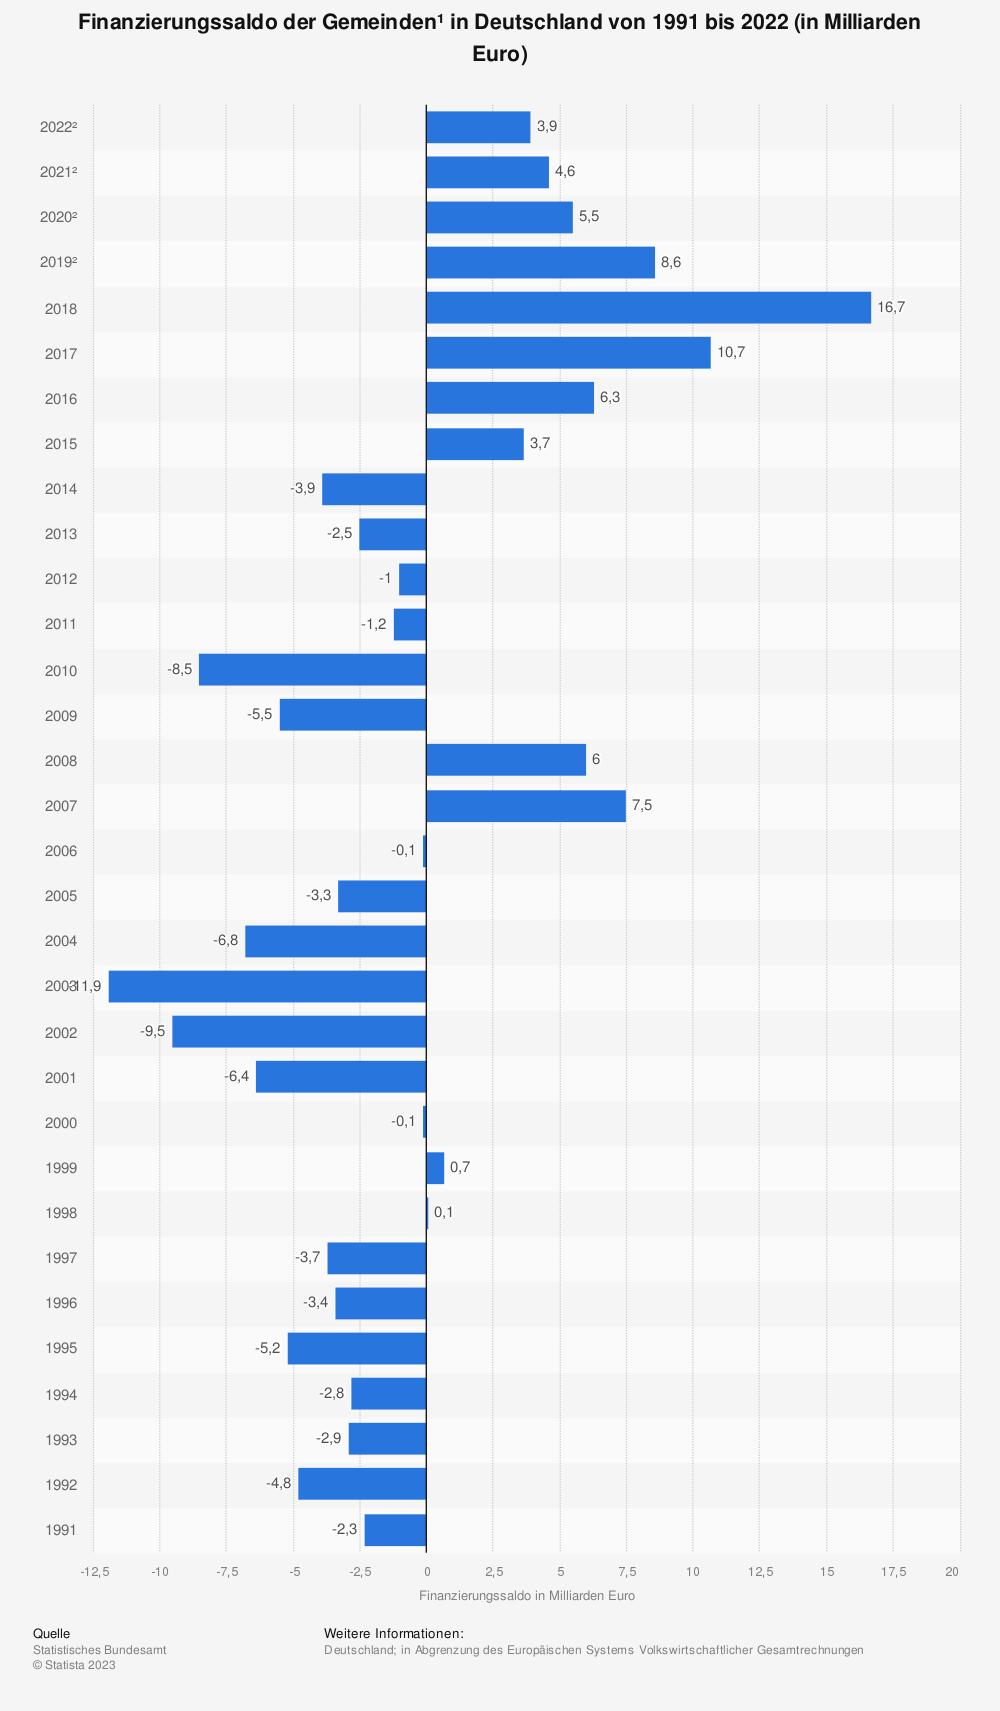 Statistik: Finanzierungssaldo der Gemeinden* in Deutschland von 2012 bis 2017 (in Milliarden Euro) | Statista